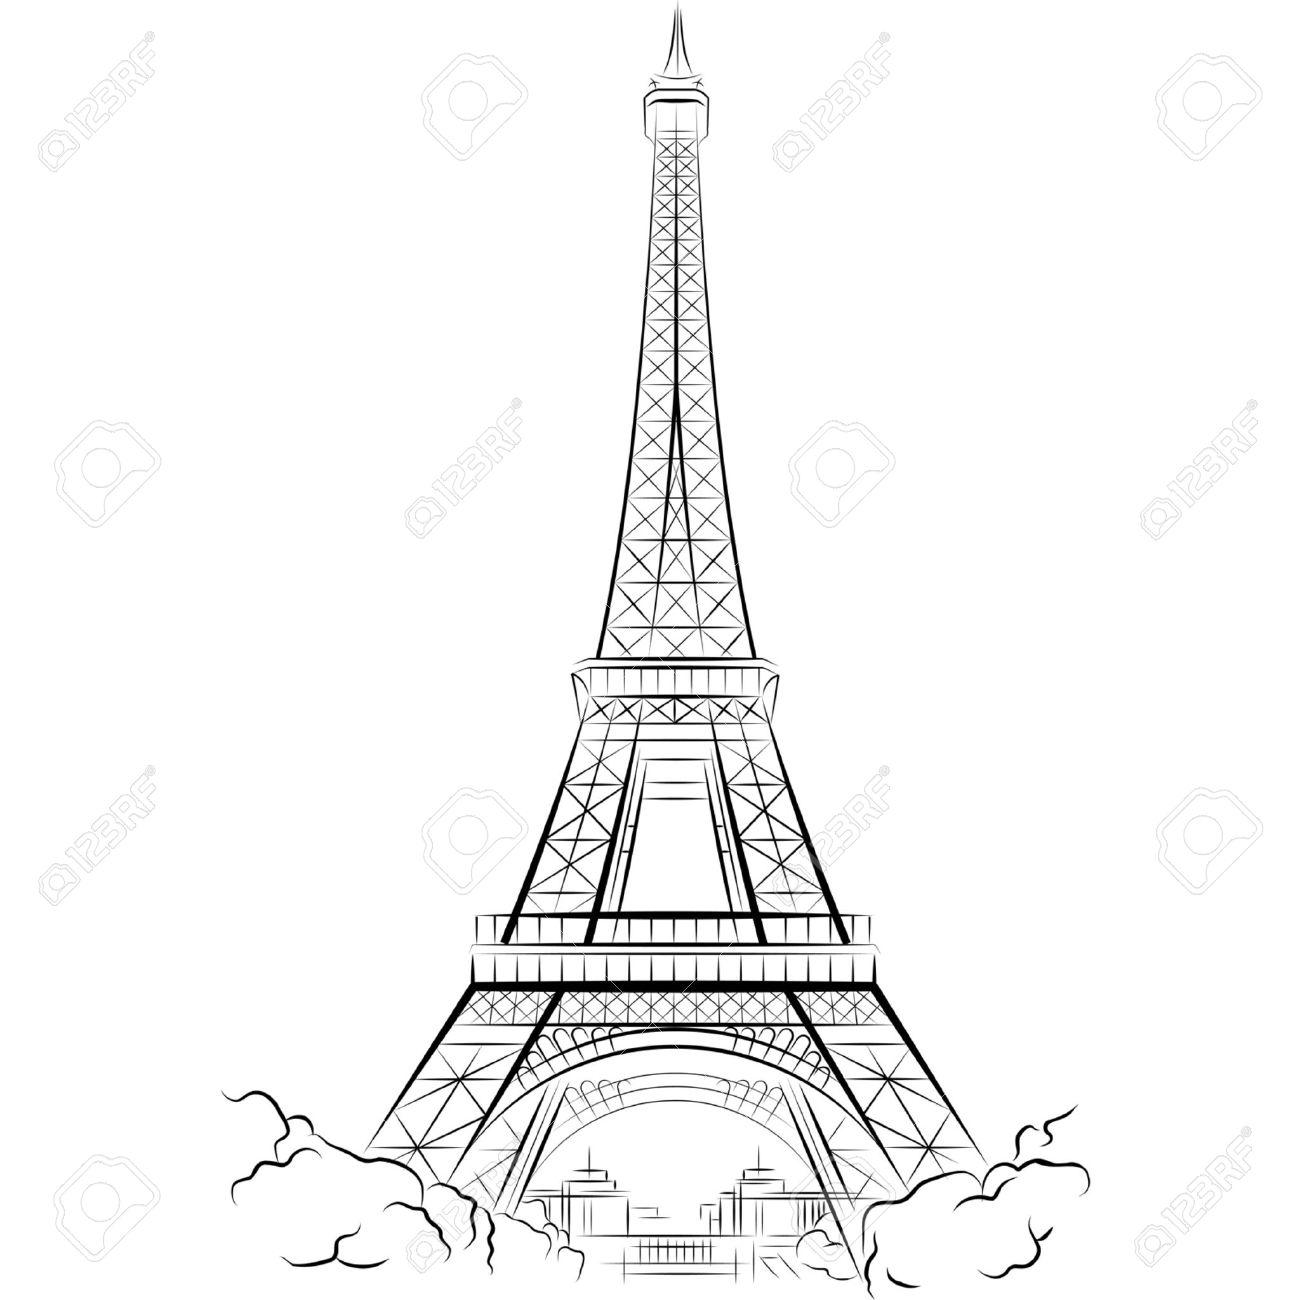 Conosciuto Tour Eiffel Disegno. Awesome Tour Eiffel Disegno With Tour Eiffel  MY73